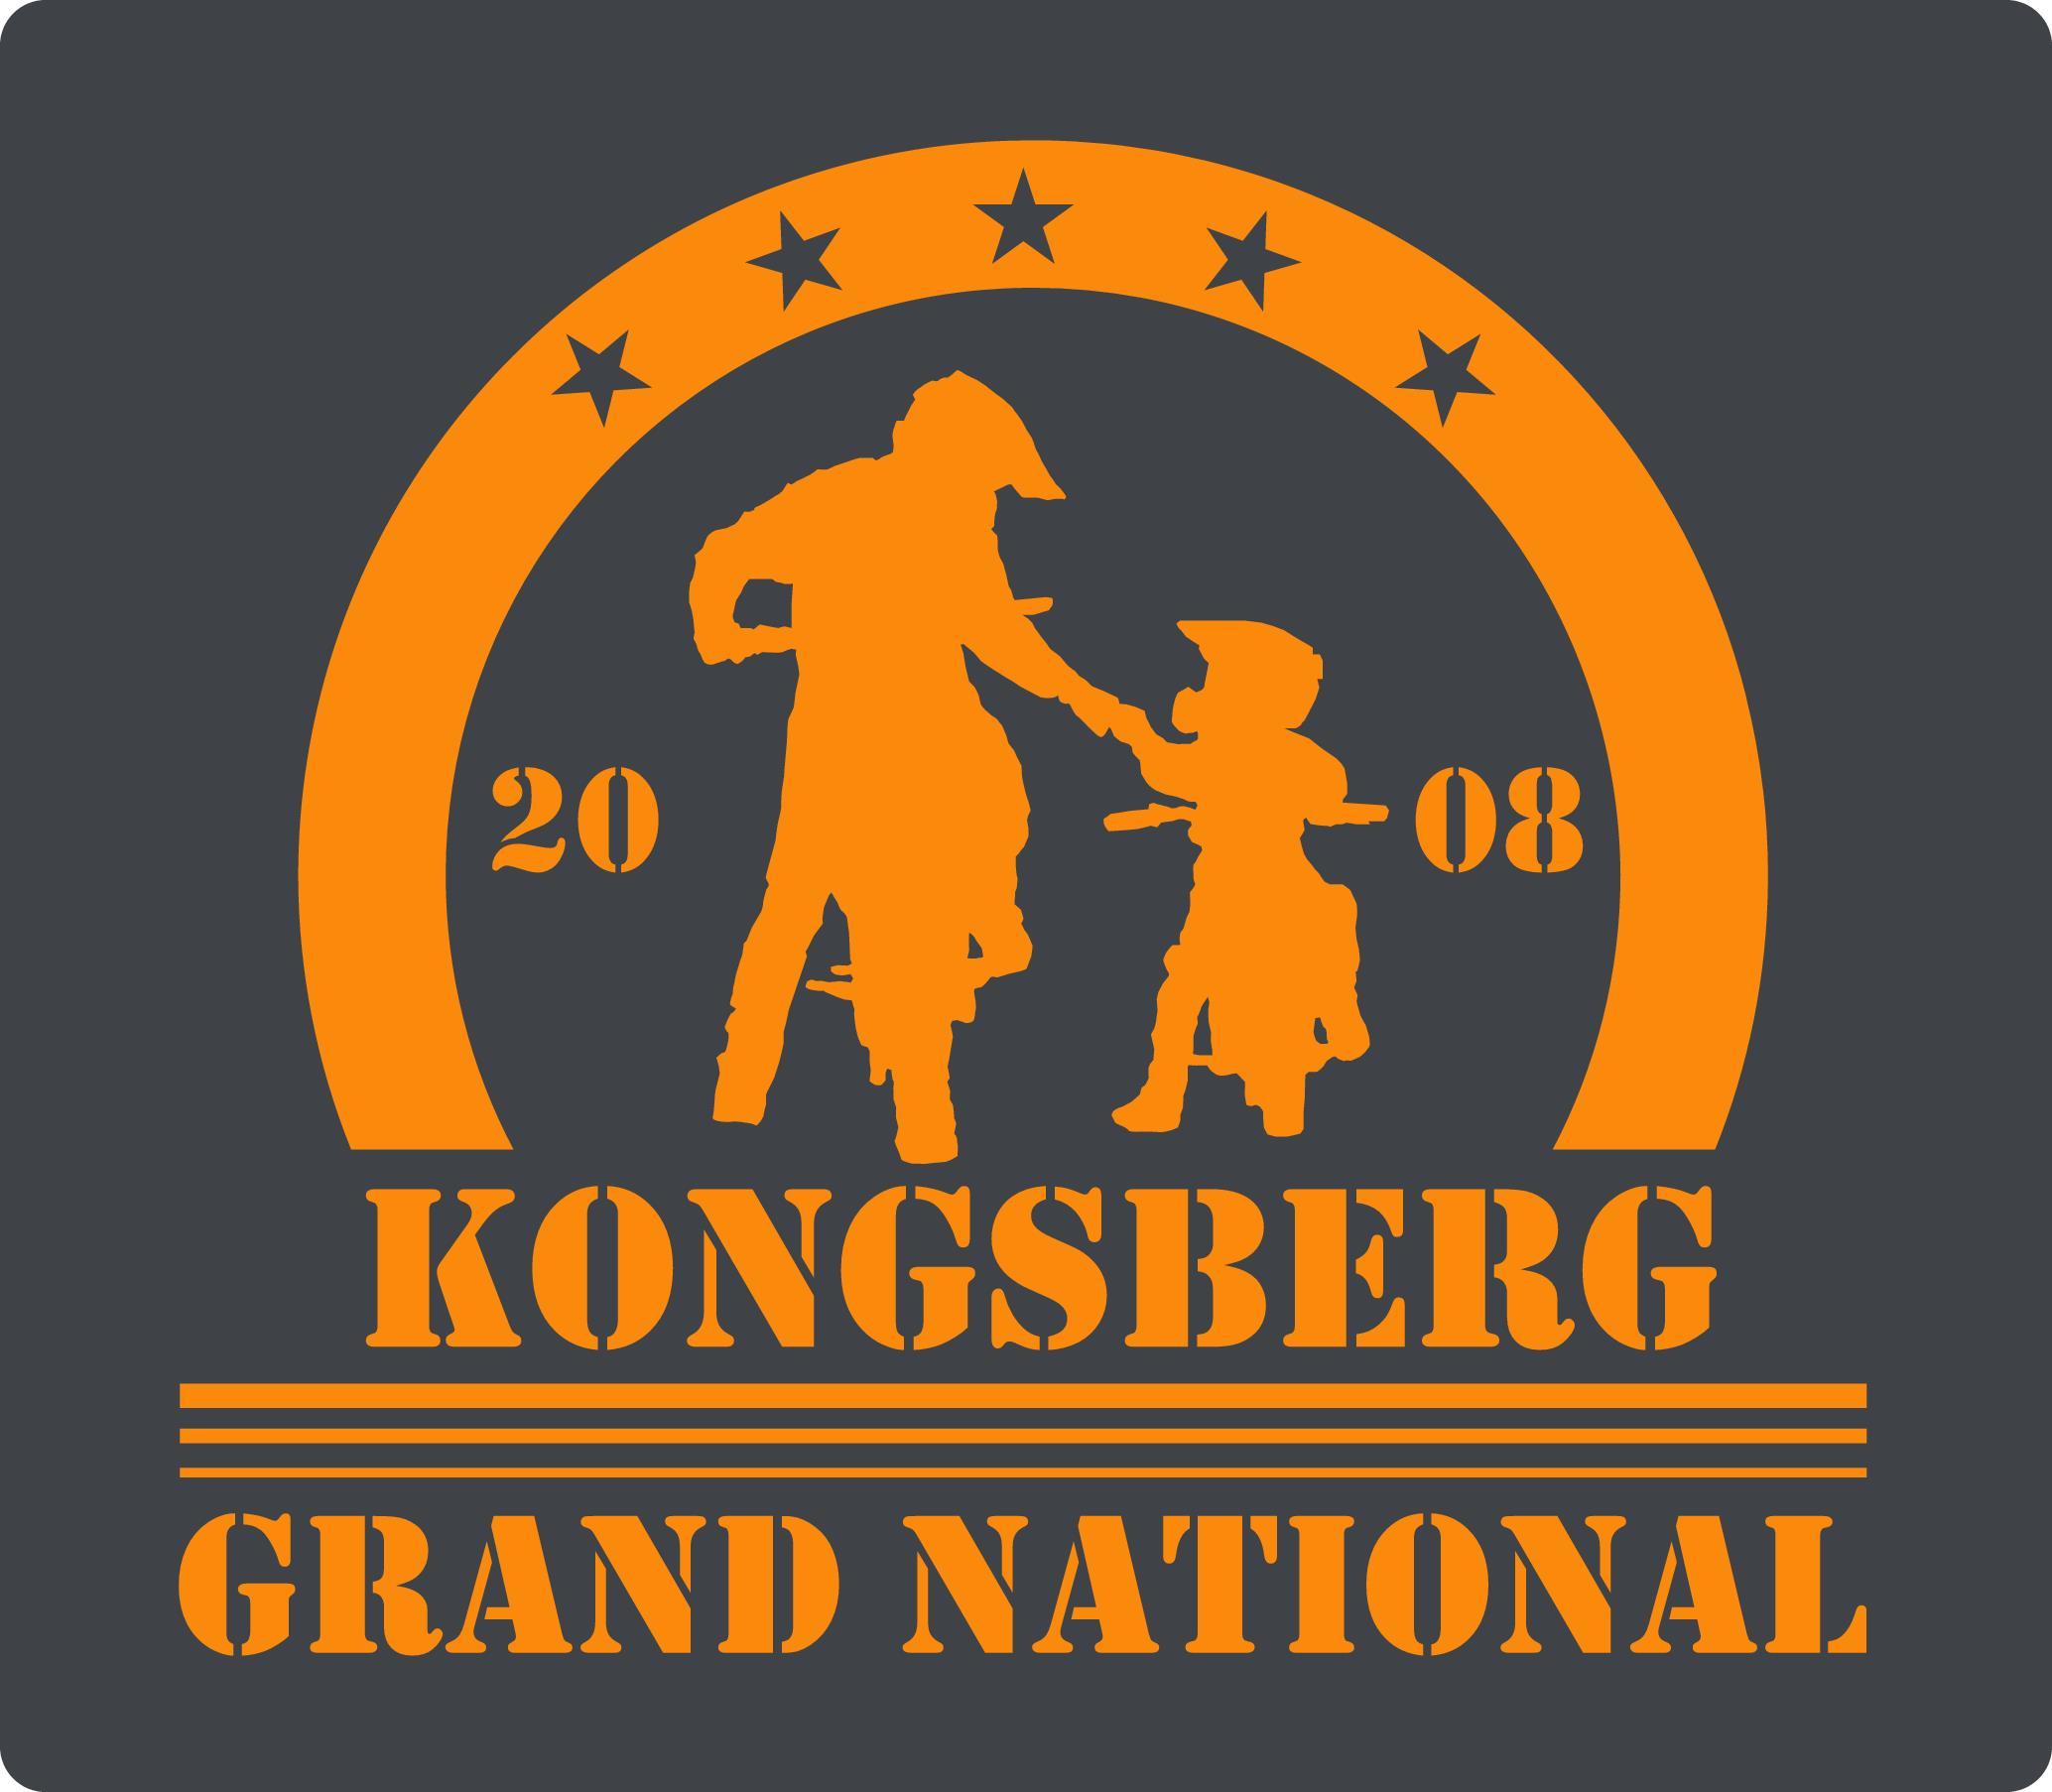 Headerbilde for Kongsberg Grand National